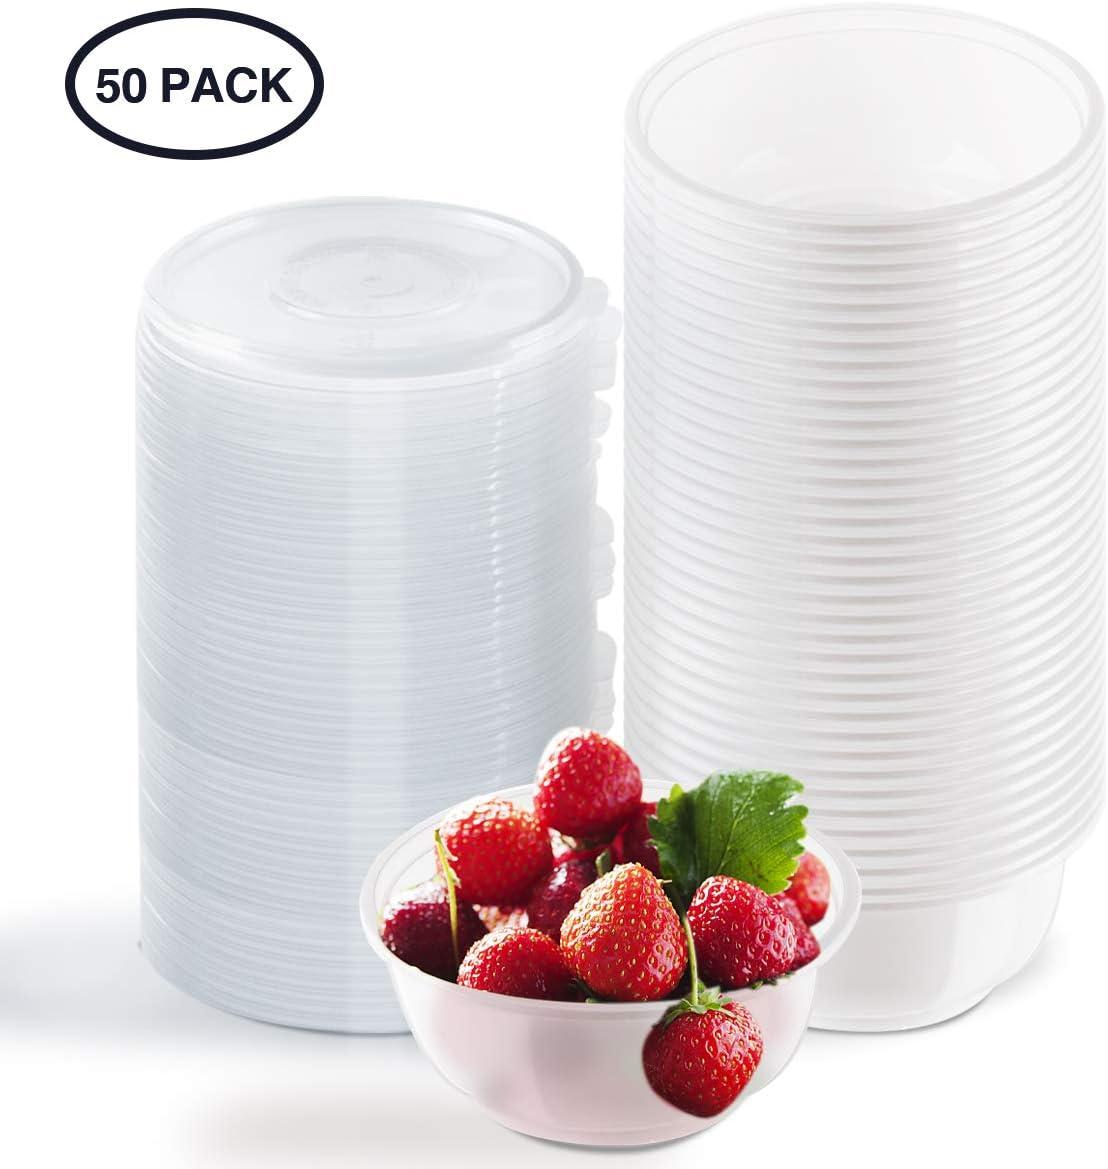 Aitsite Cuencos Desechables de plástico de 450 ml, 50 Paquetes de vajilla irrompible con Tapa Caja de Comida rápida | Reutilizable para Fiestas al Aire Libre Picnics BBQ´s Travels (Tazón desechable)